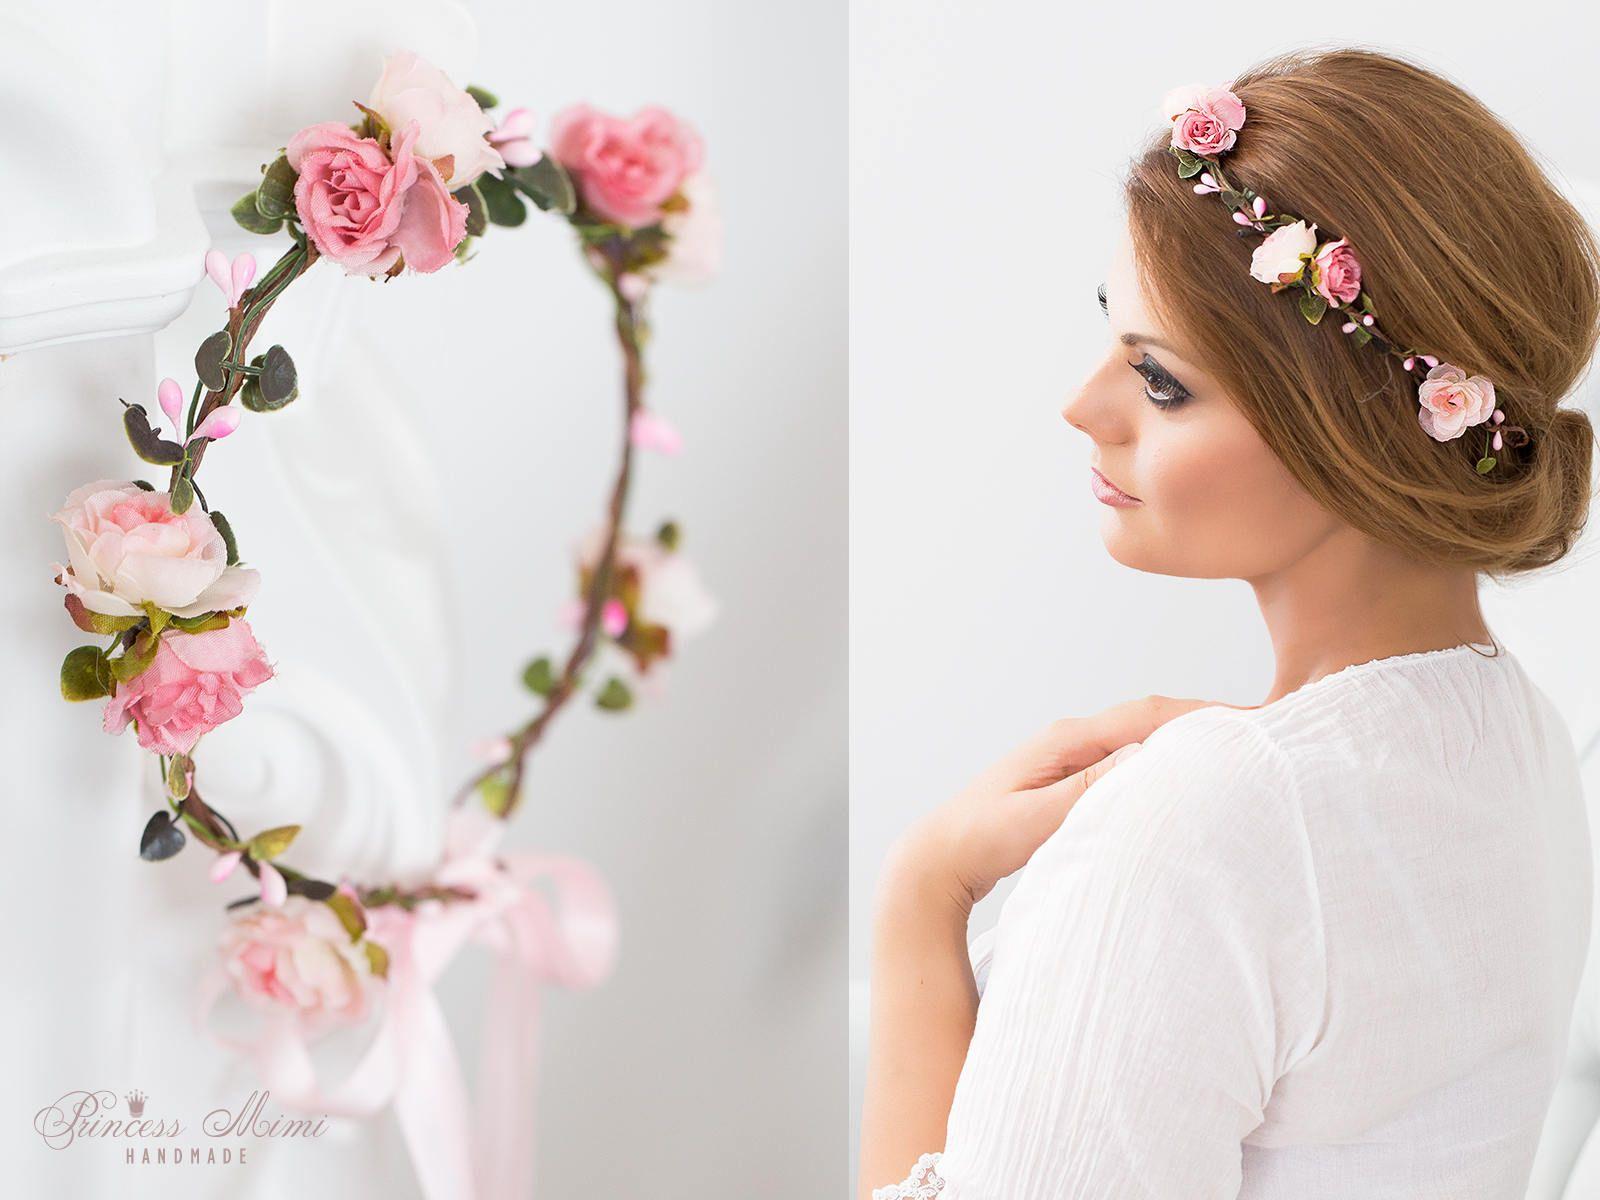 Haarband Kopfband Blumenkrone Kopfschmuck Haarschmuck Blume Kranz Rosen Blüte